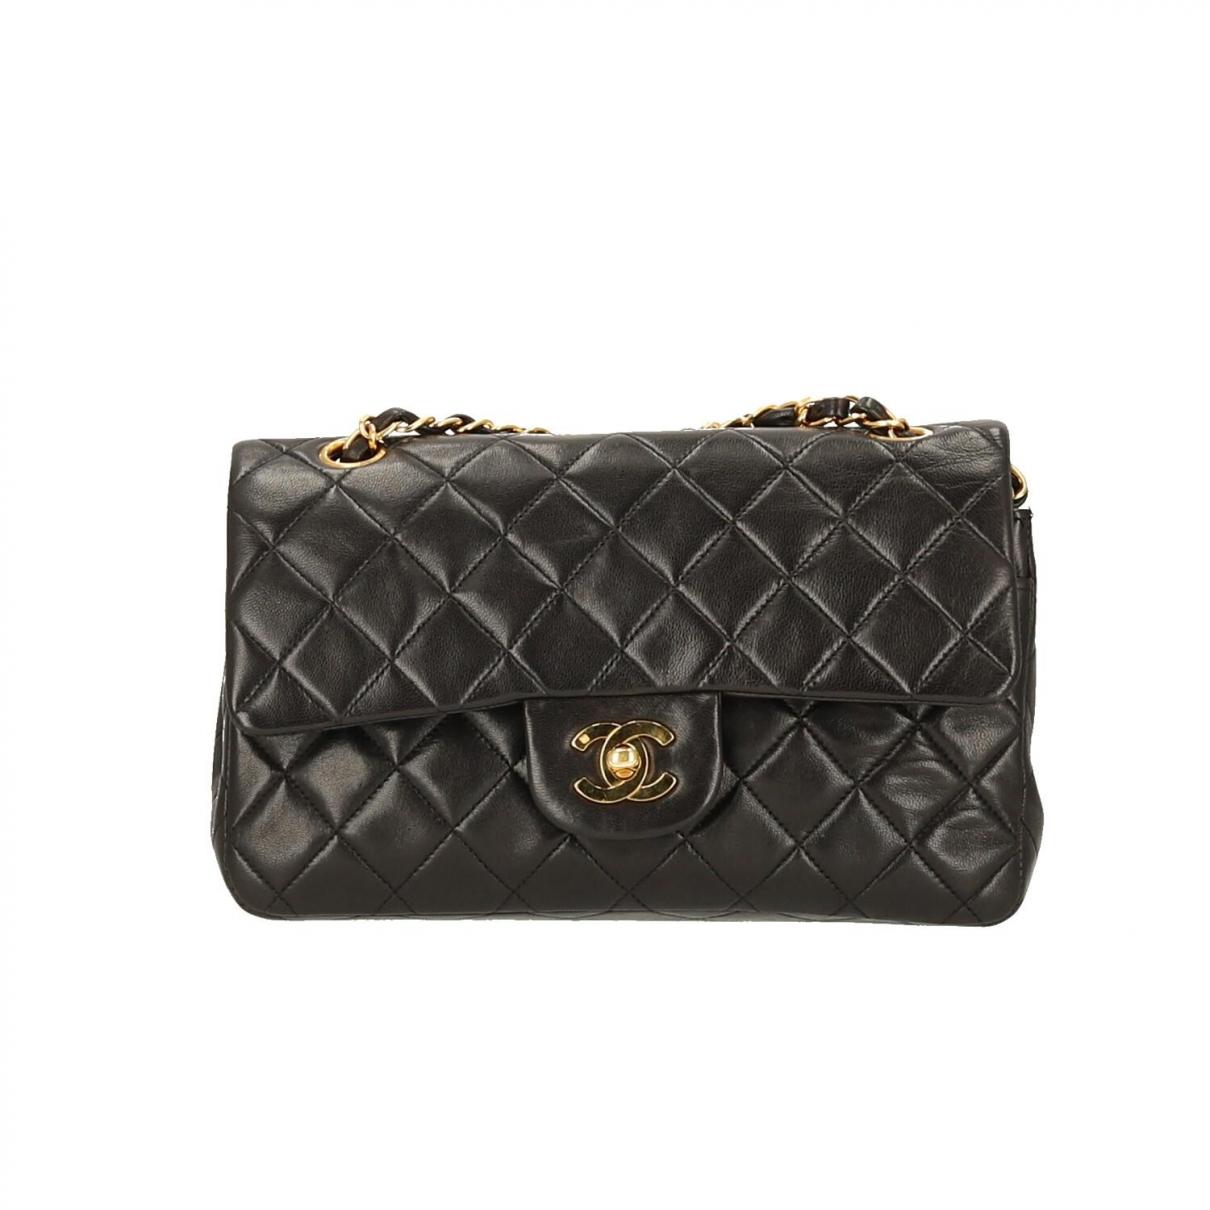 Chanel - Sac a main Timeless/Classique pour femme en cuir - noir